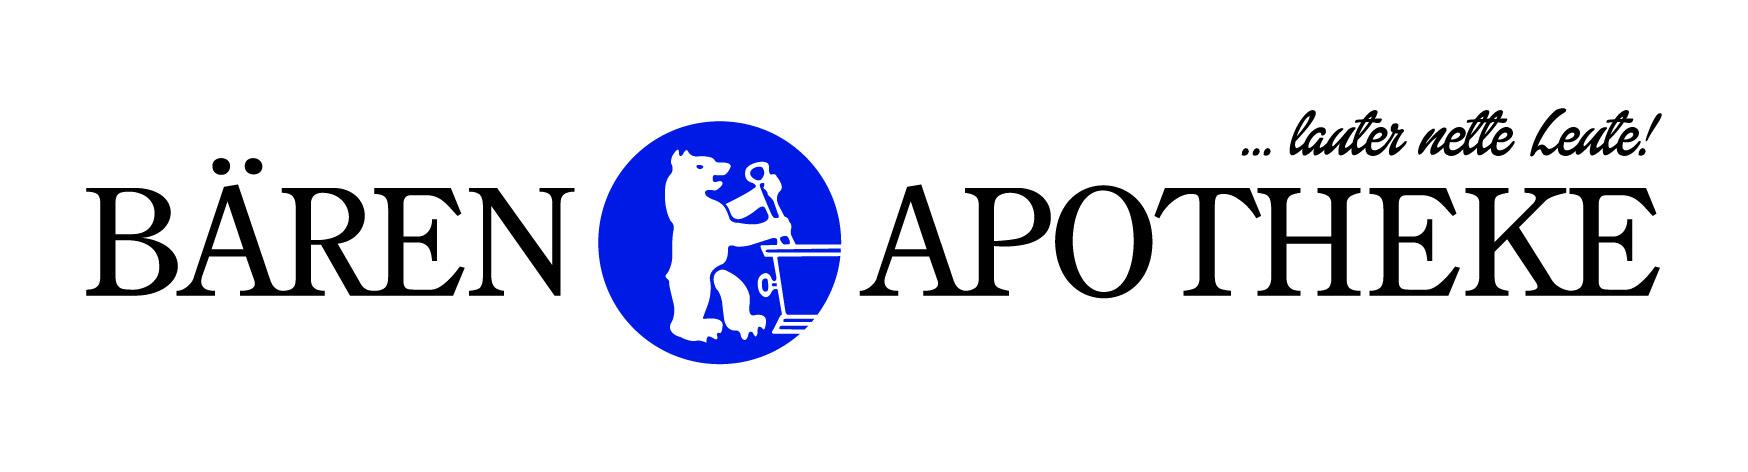 https://jsg-siegtal-heller.de/wp-content/uploads/2021/04/baerenapo_logo.jpg